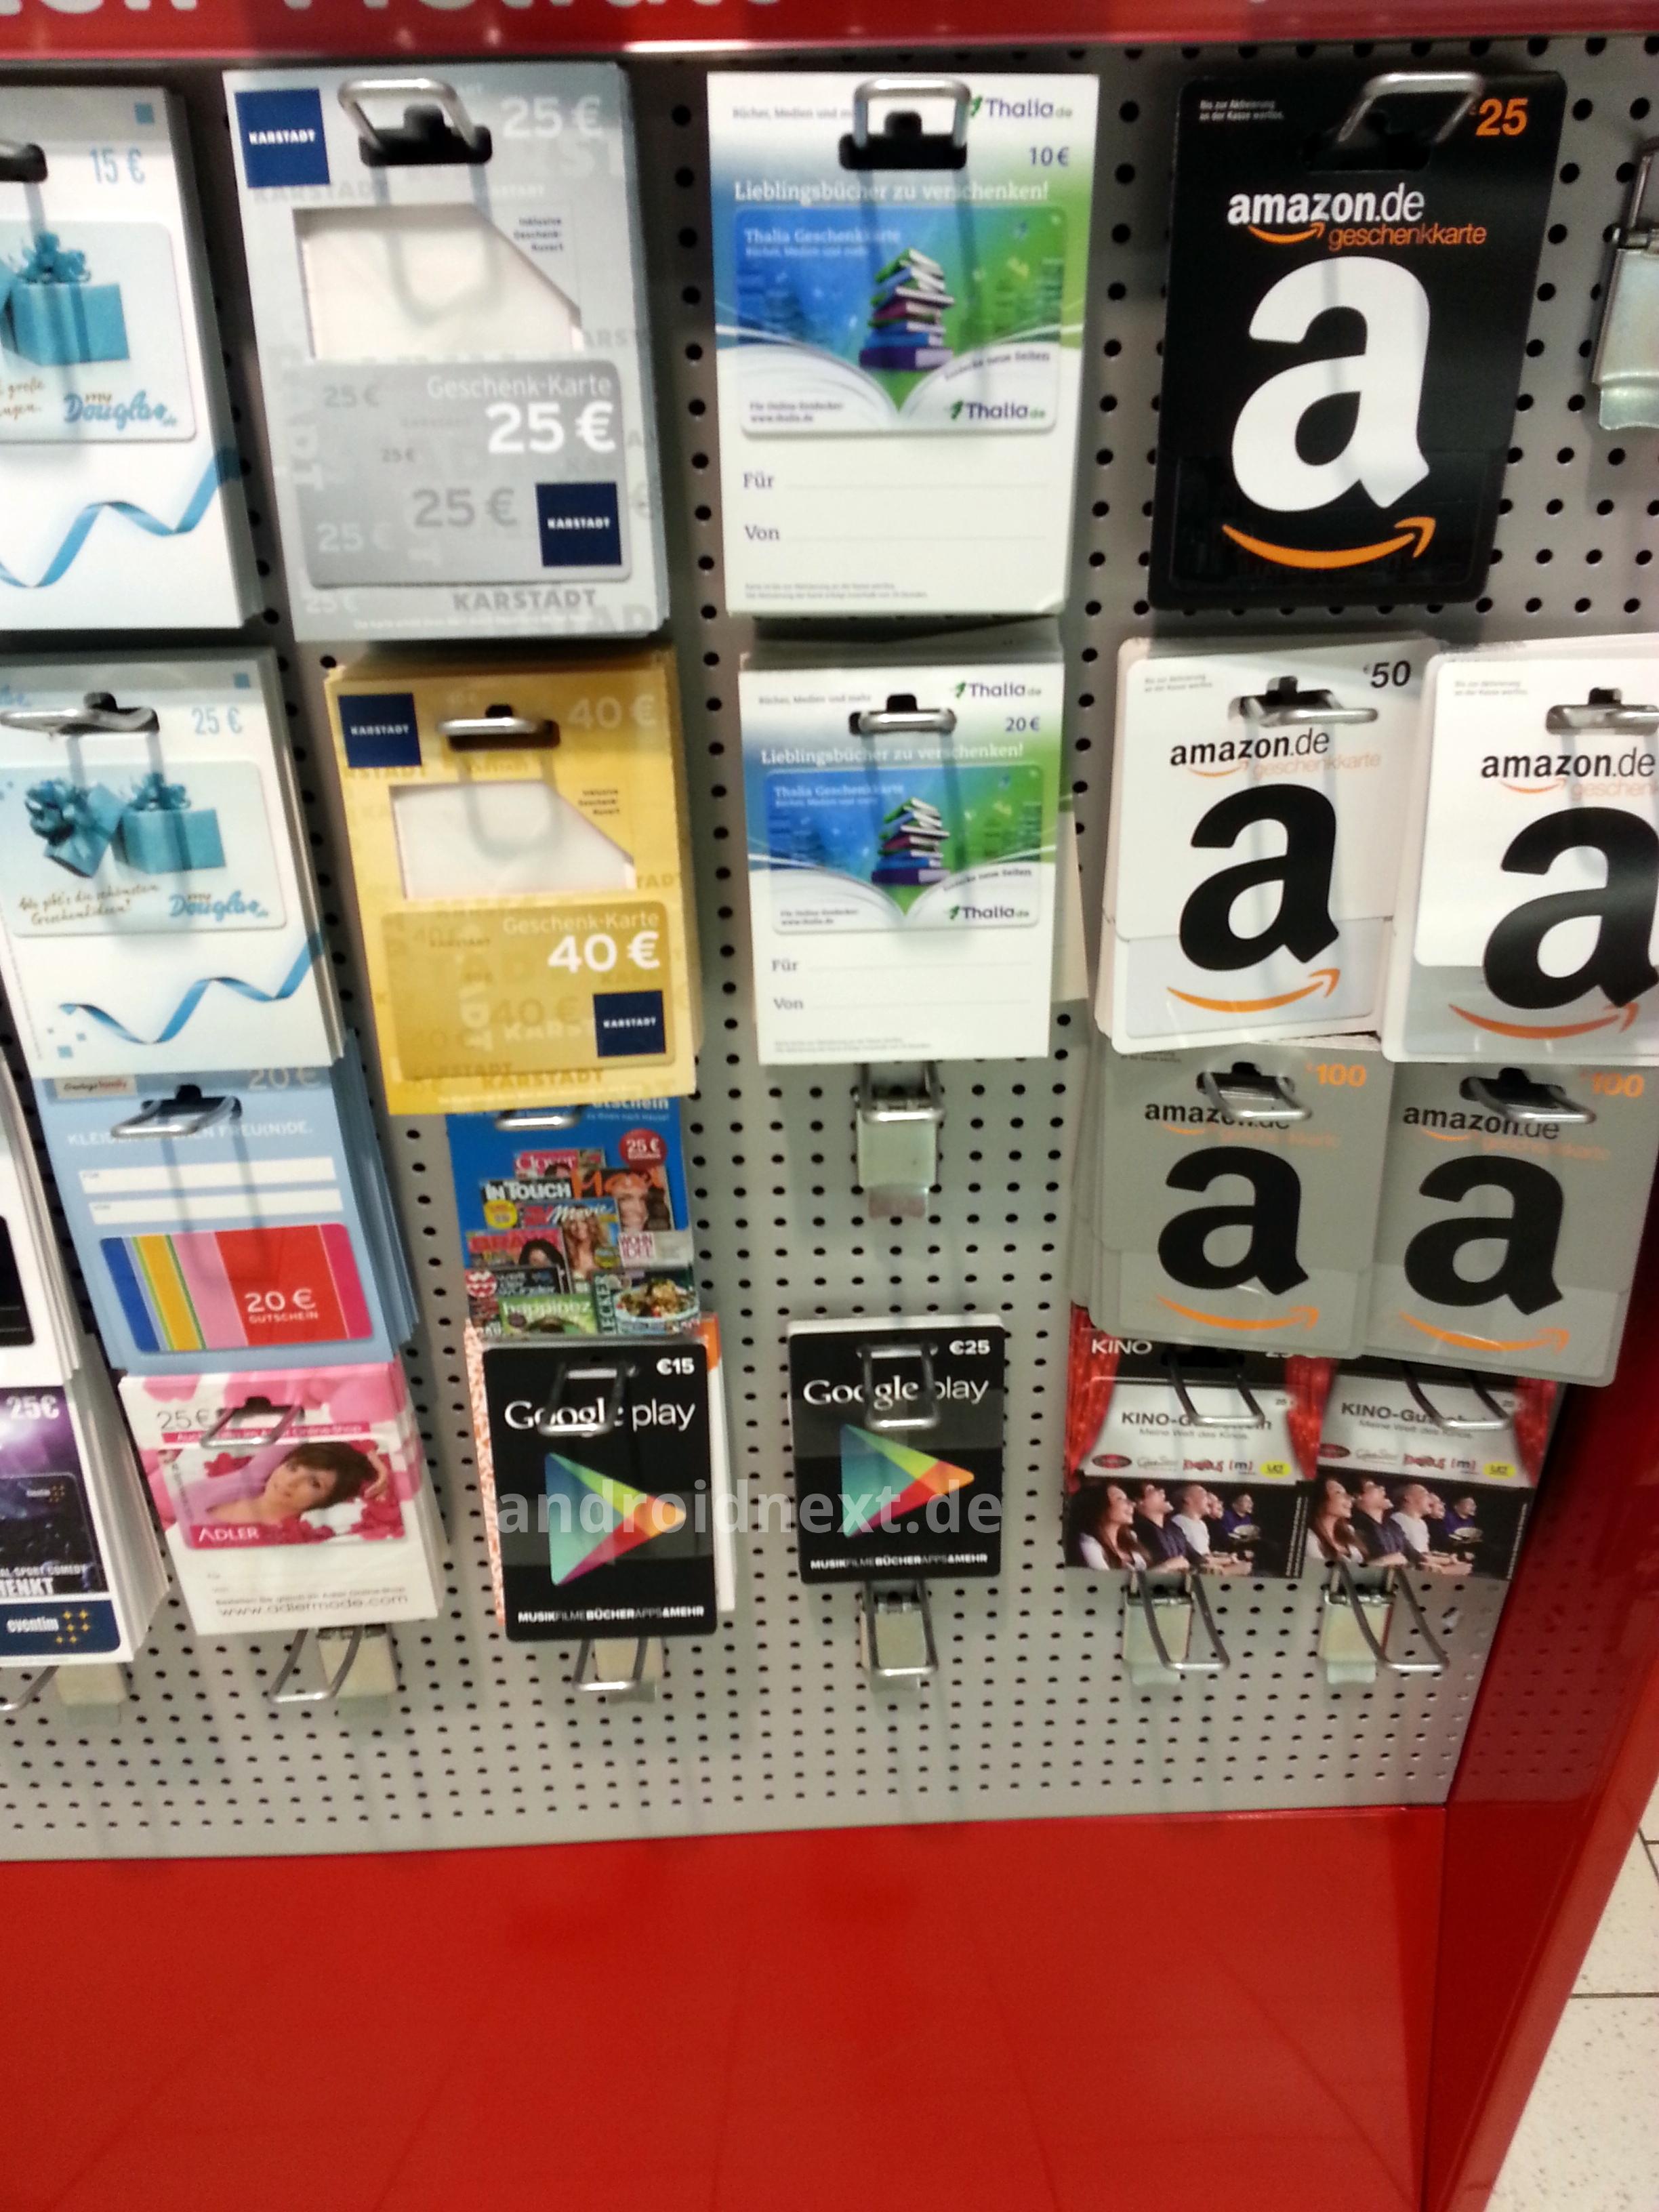 amazon karte kaufen Amazon guthaben Karte in der Schweiz kaufen? (Handy, Smartphone)